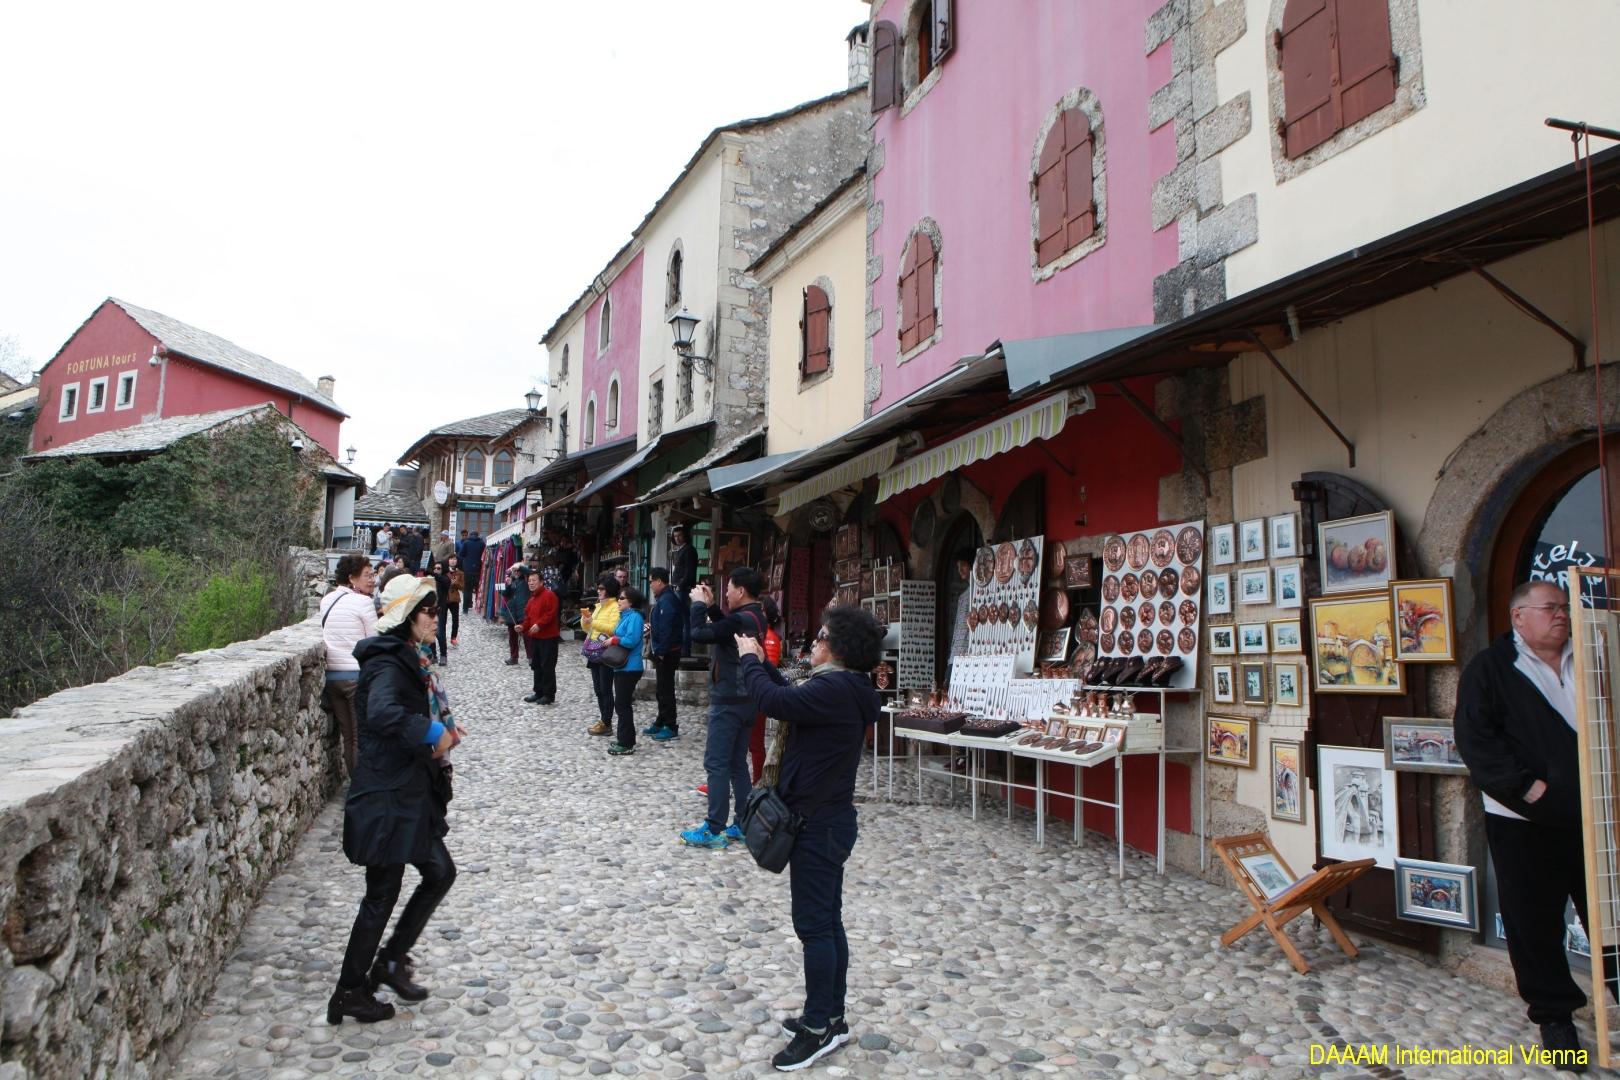 DAAAM_2016_Mostar_01_Magic_City_of_Mostar_095